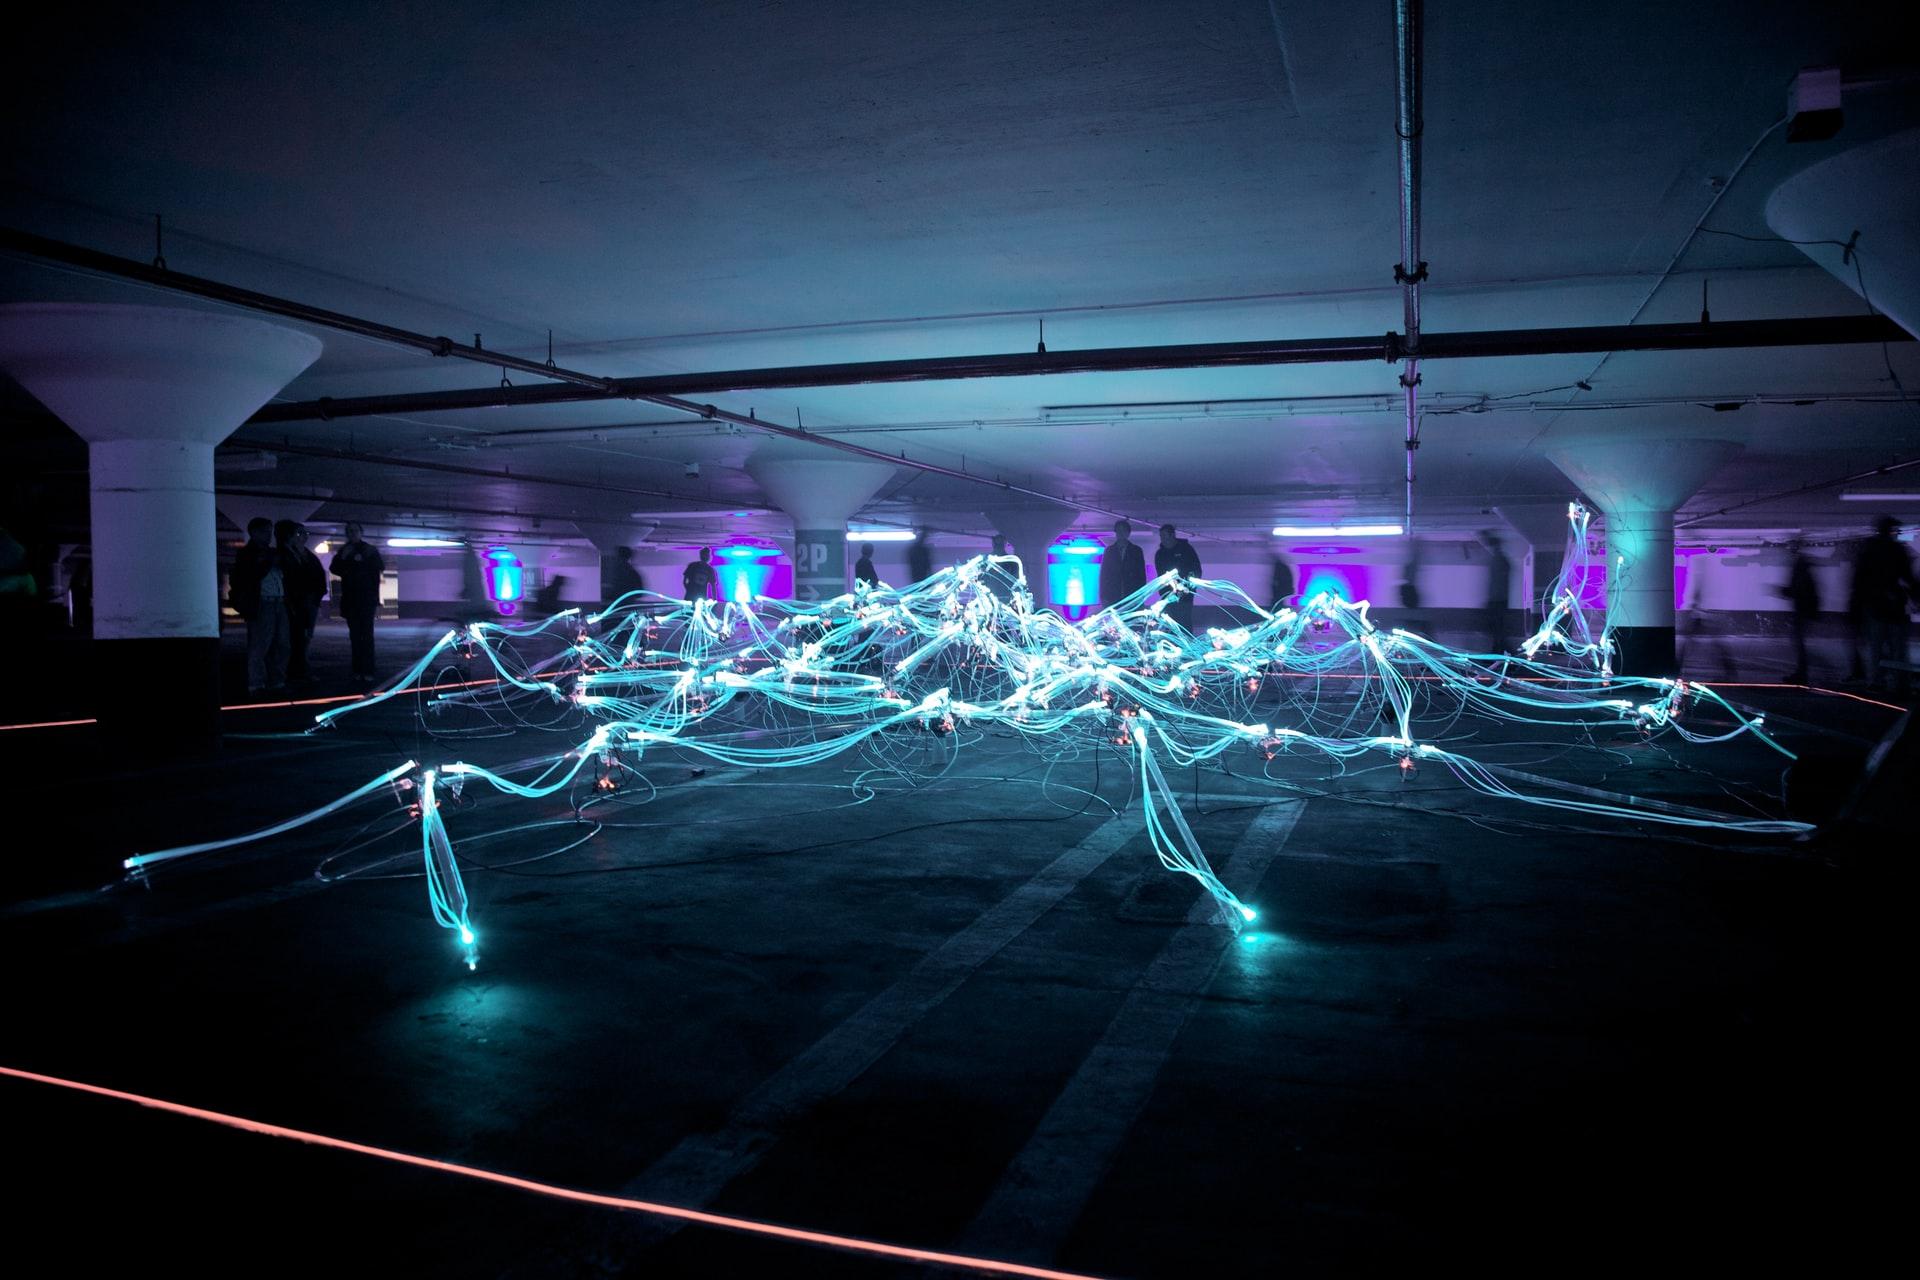 Flot de lumières néon dans une salle d'exposition plongée dans le noir